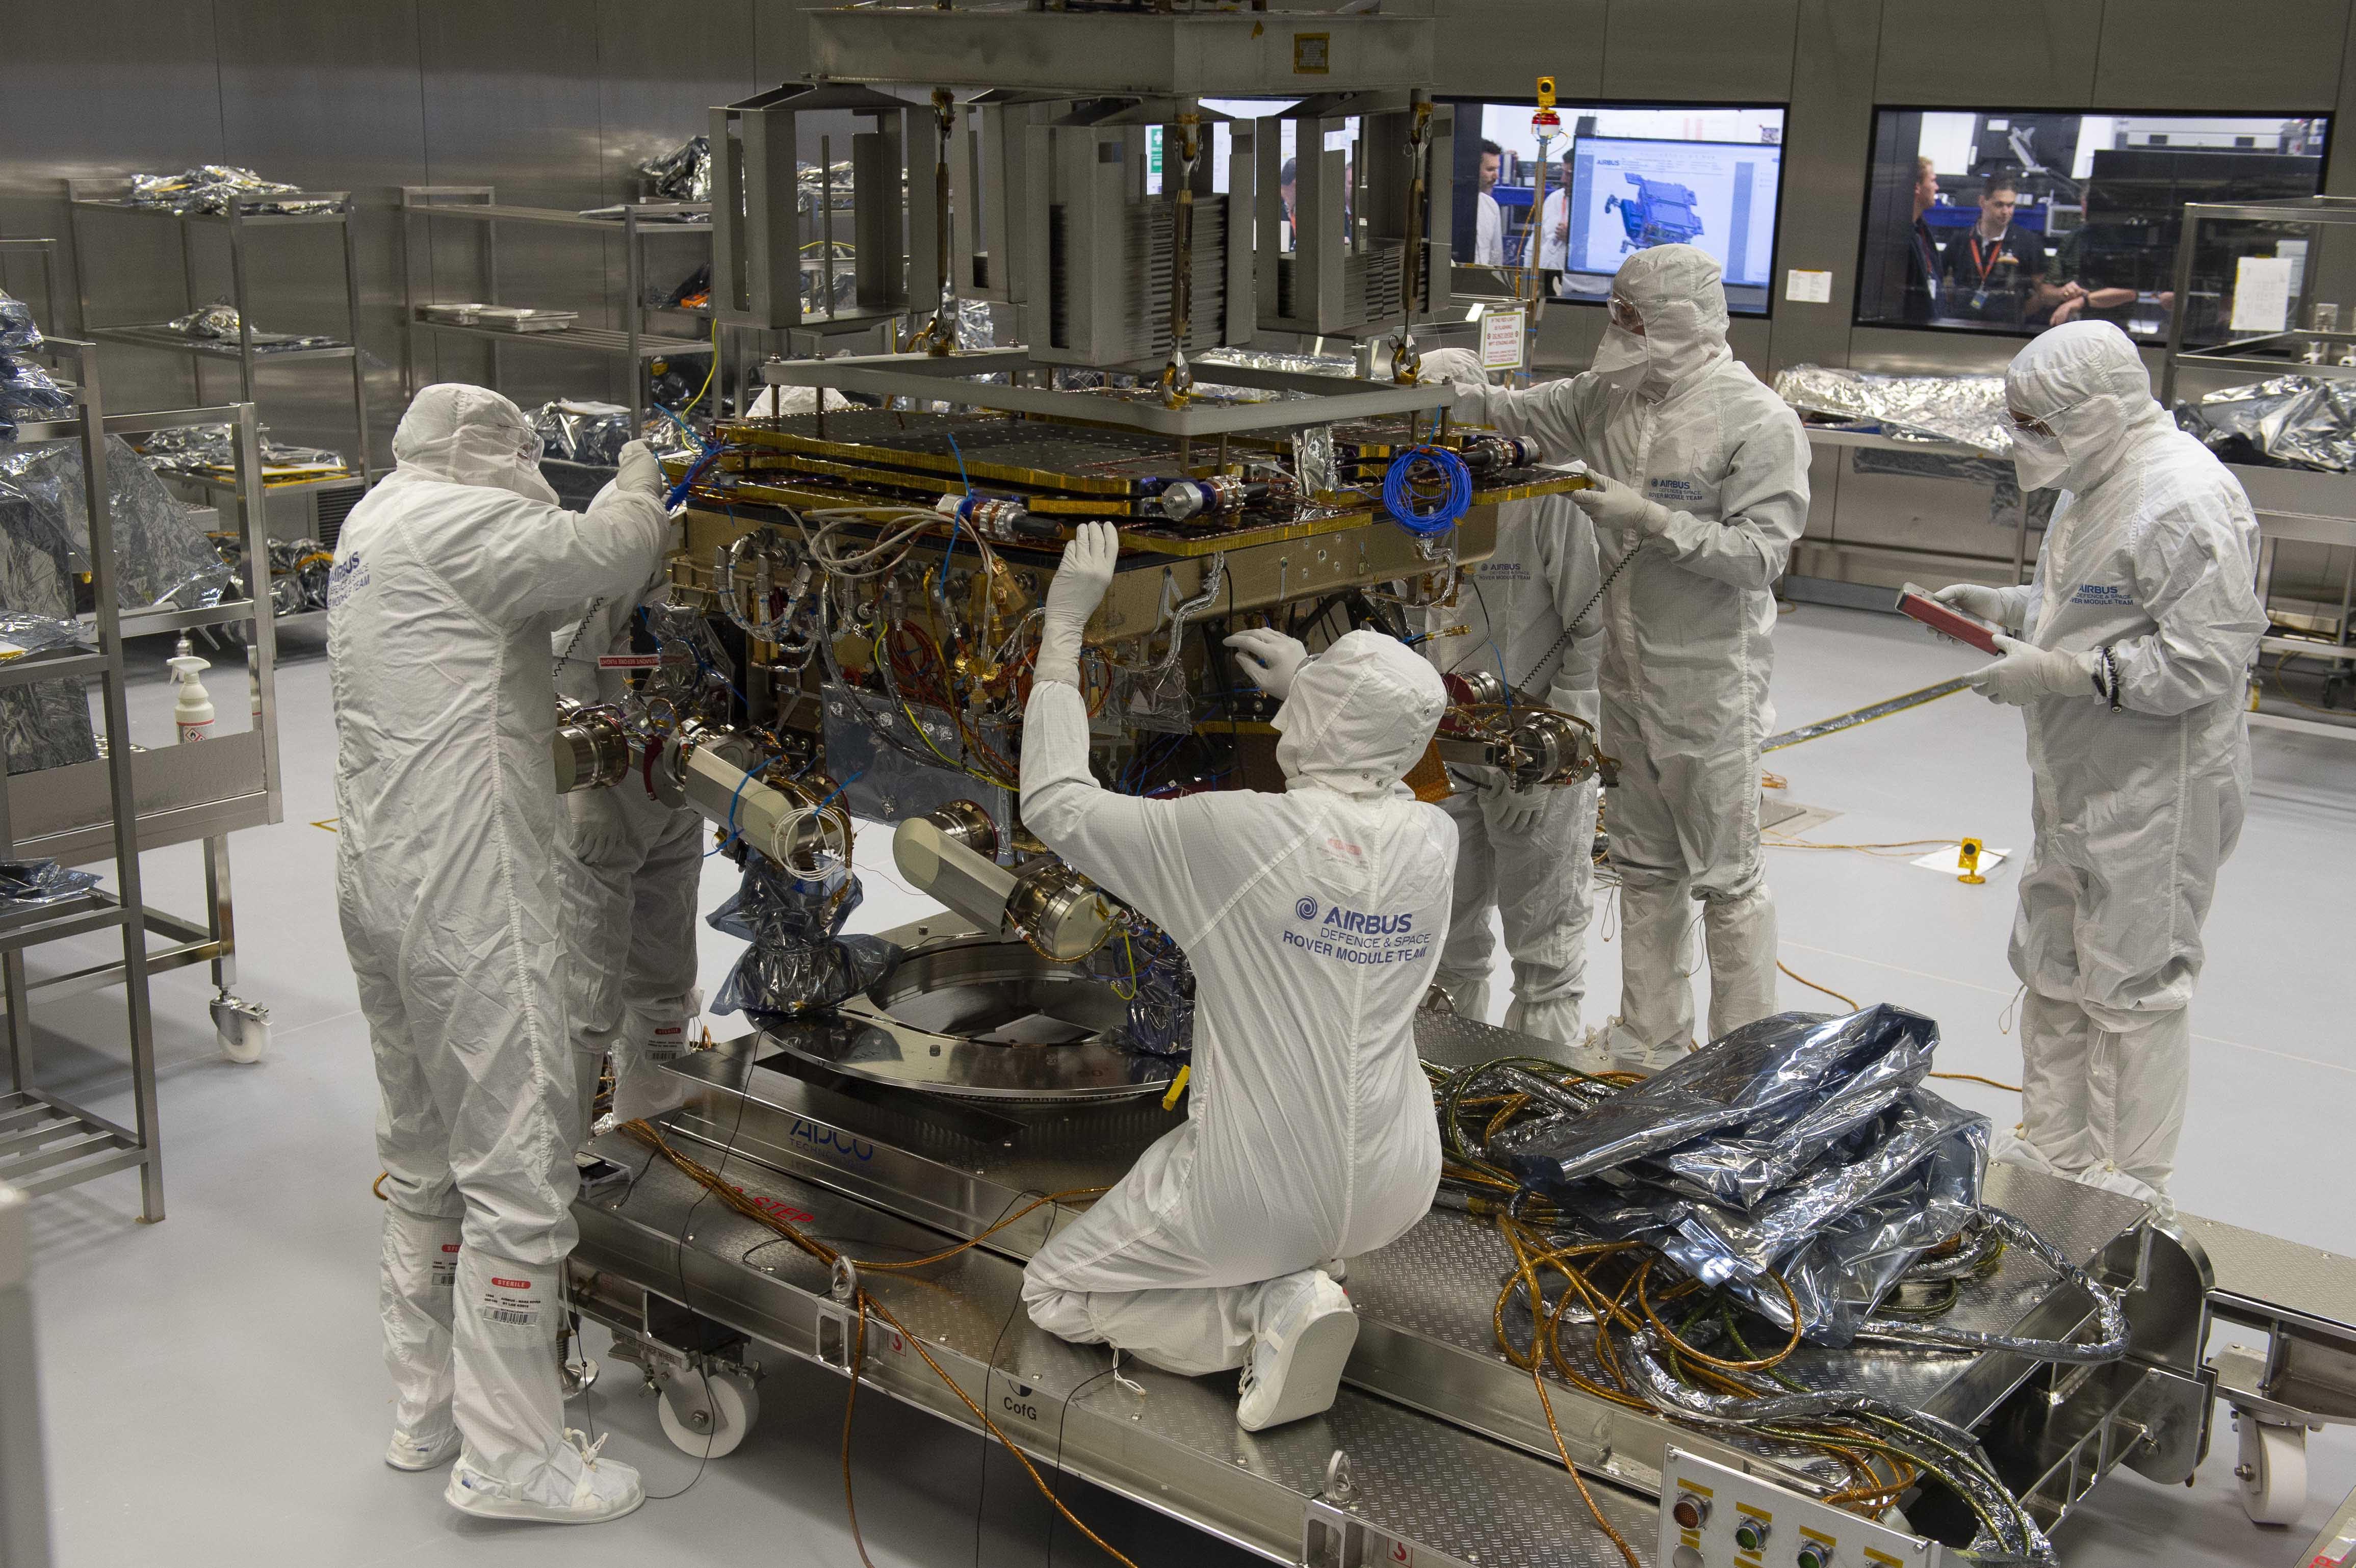 Assembling a Mars rover